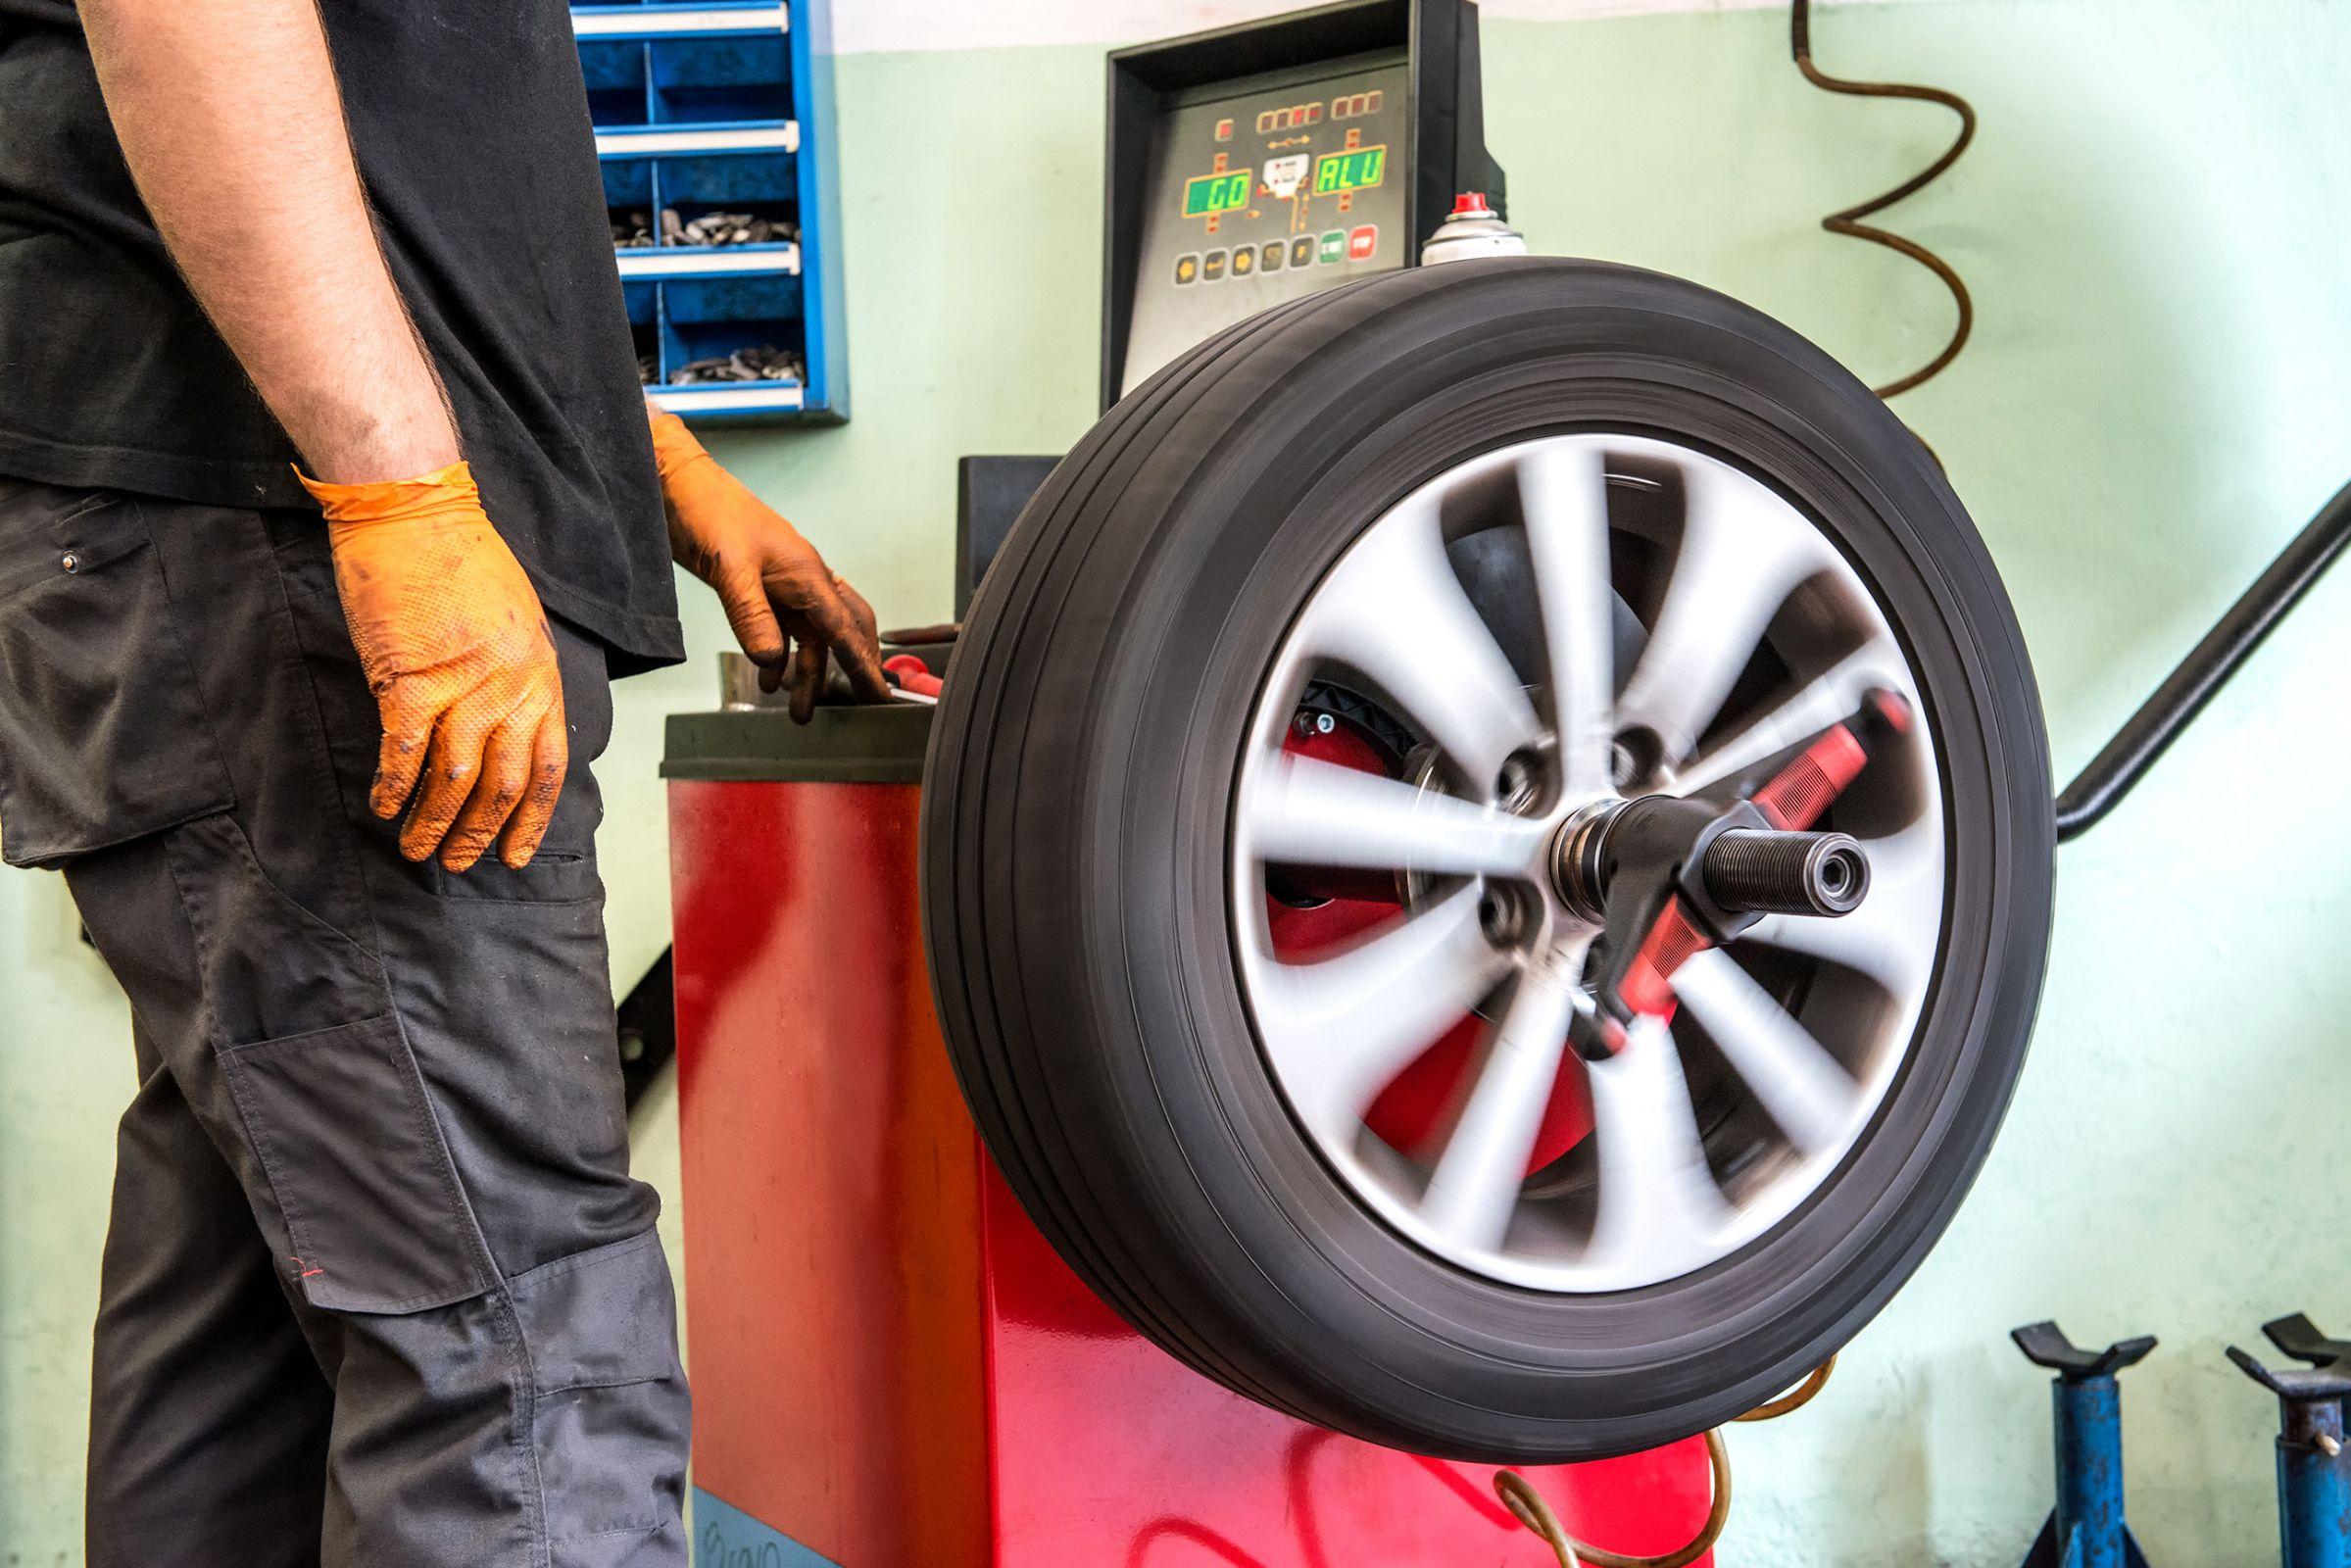 equipamento de balanceamento da roda do carro em operação